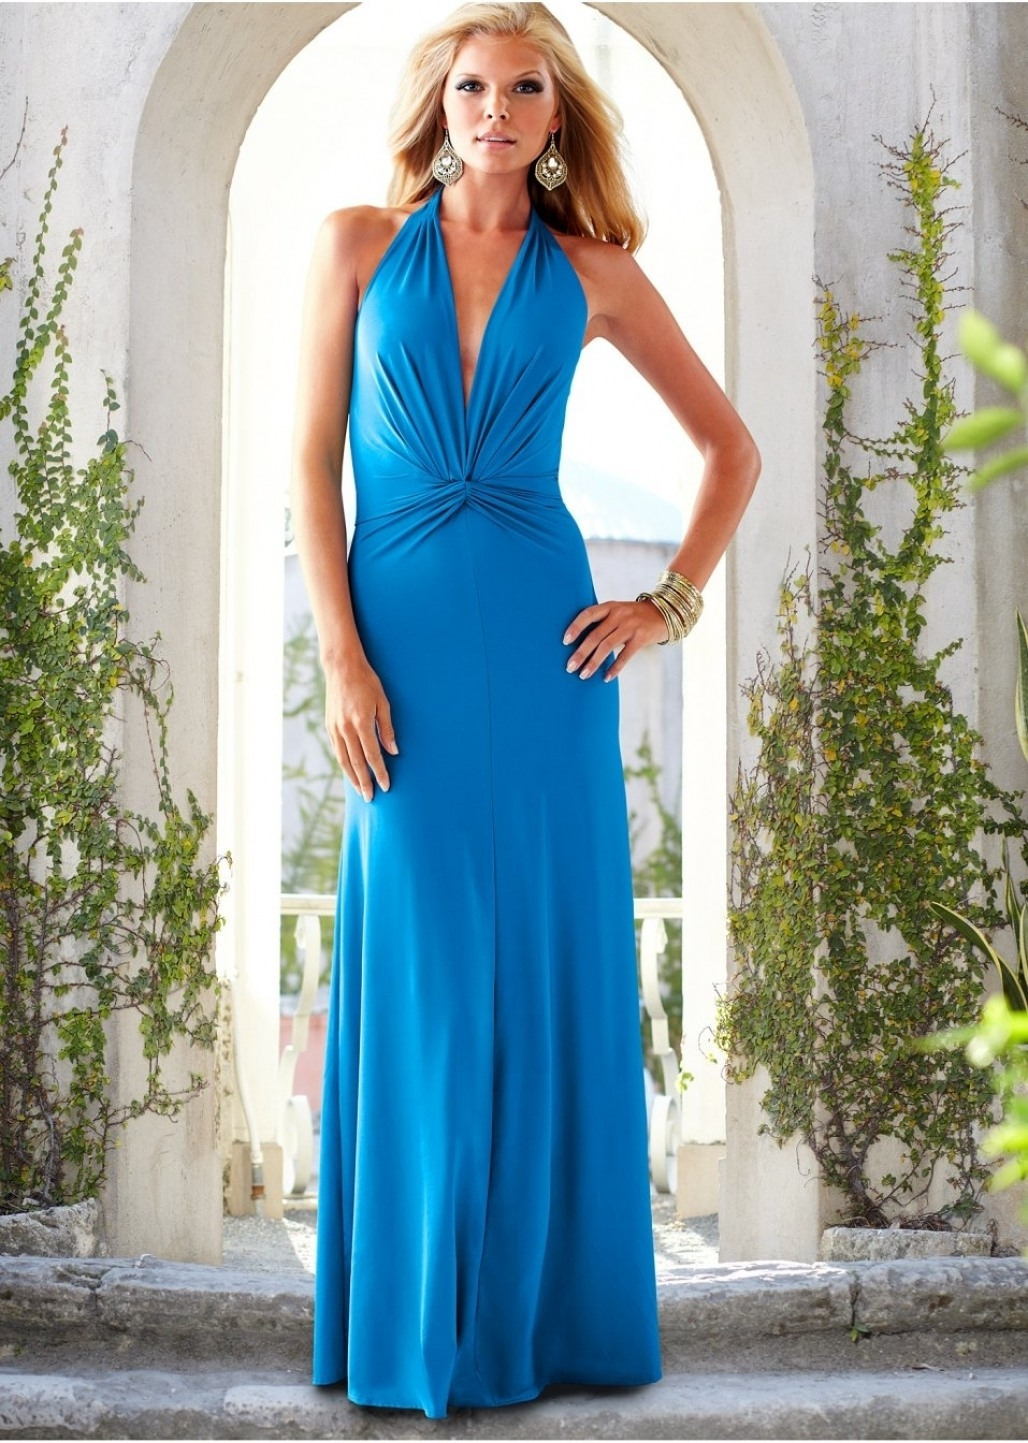 Einzigartig Abendkleider Online Lang Stylish  Abendkleid